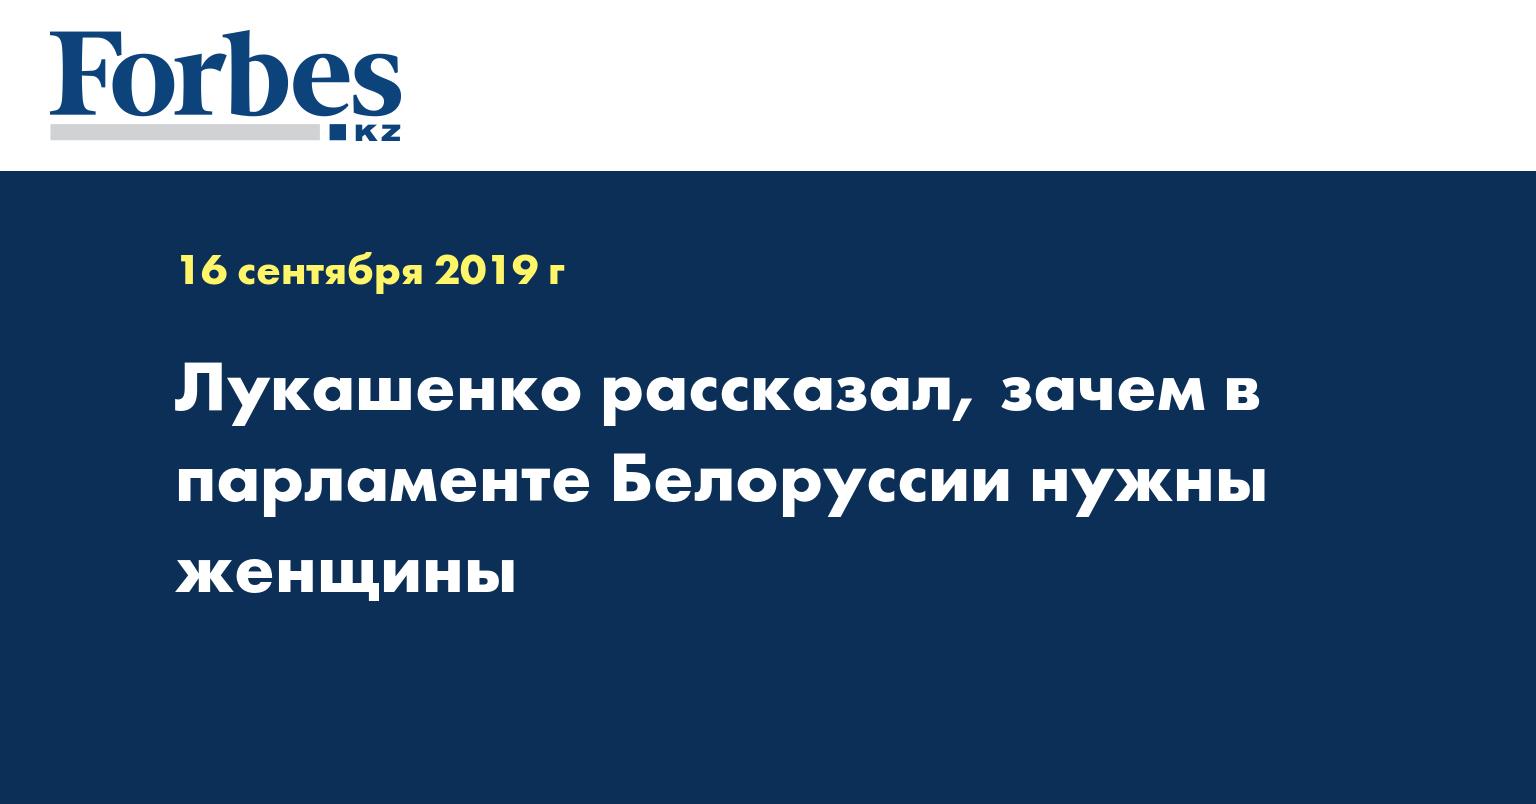 Лукашенко рассказал, зачем в парламенте Белоруссии нужны женщины